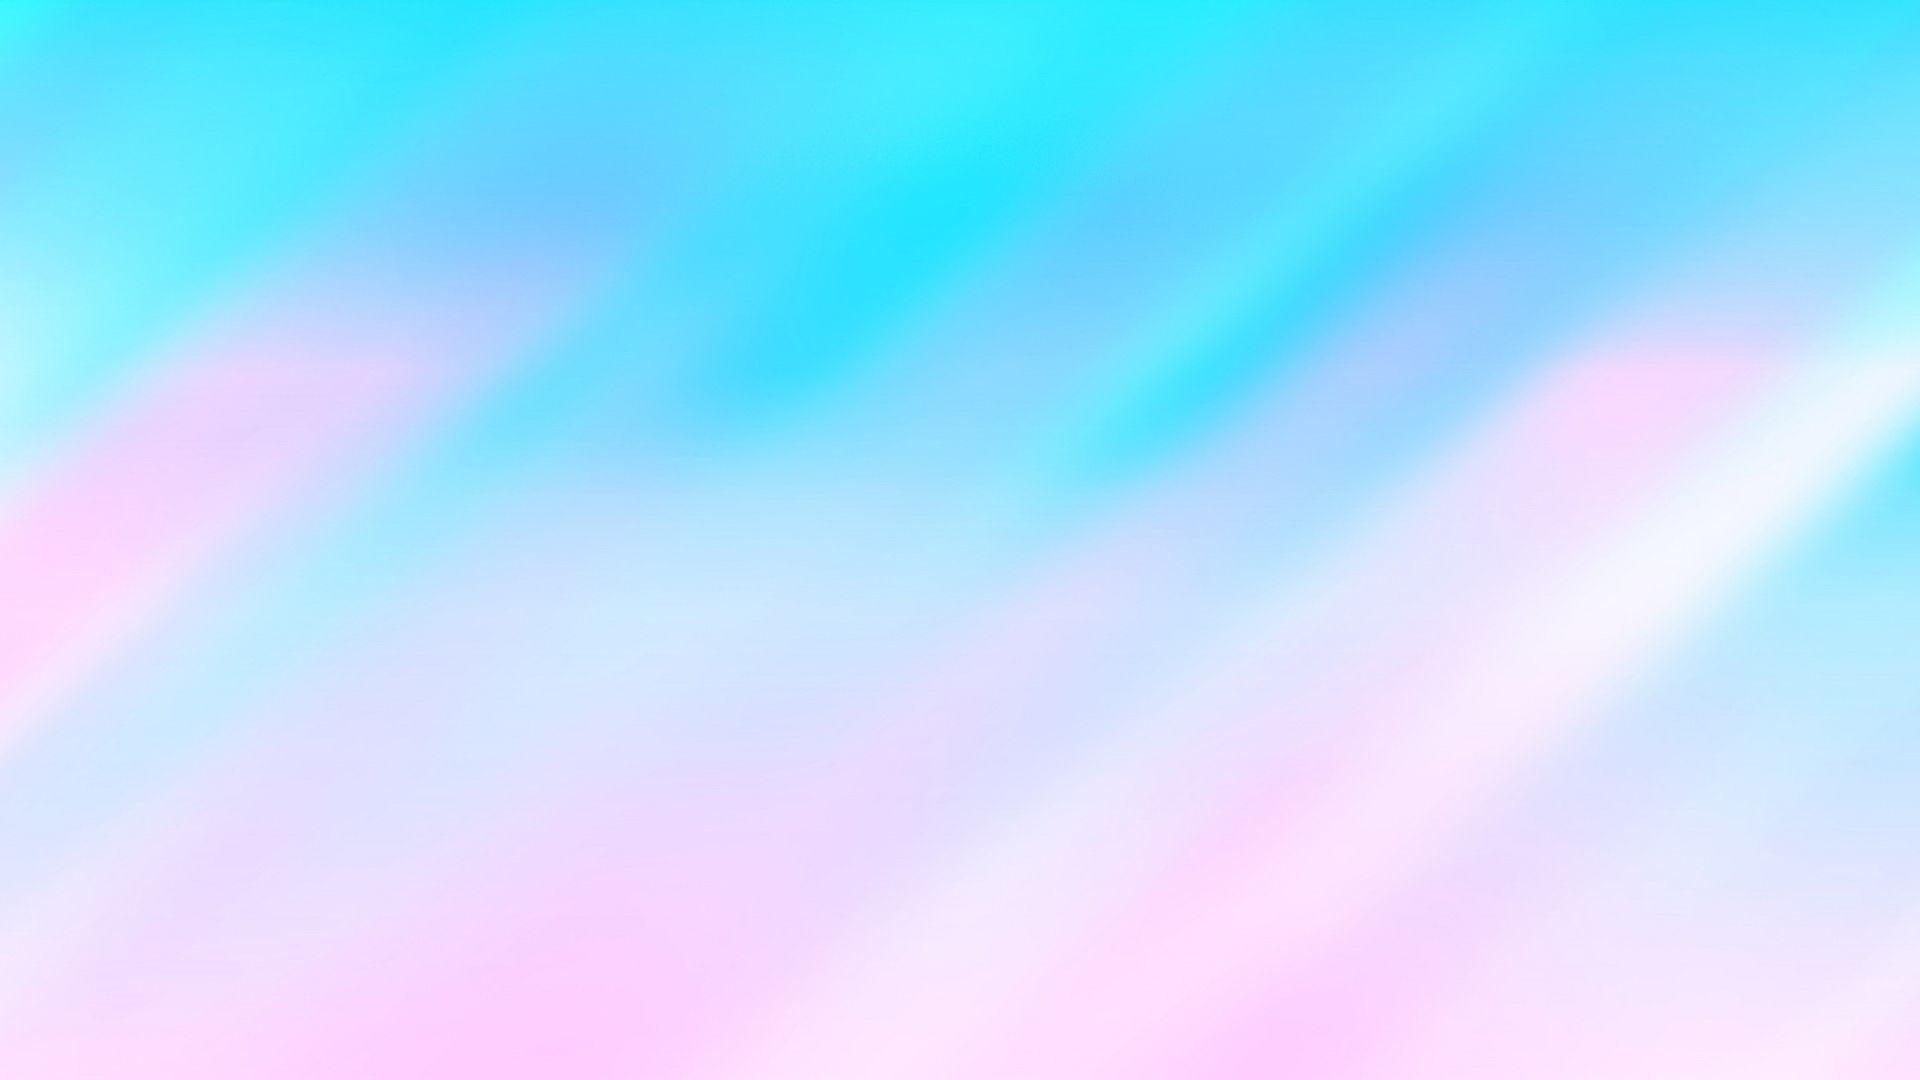 Pastel Pink Wallpaper Desktop